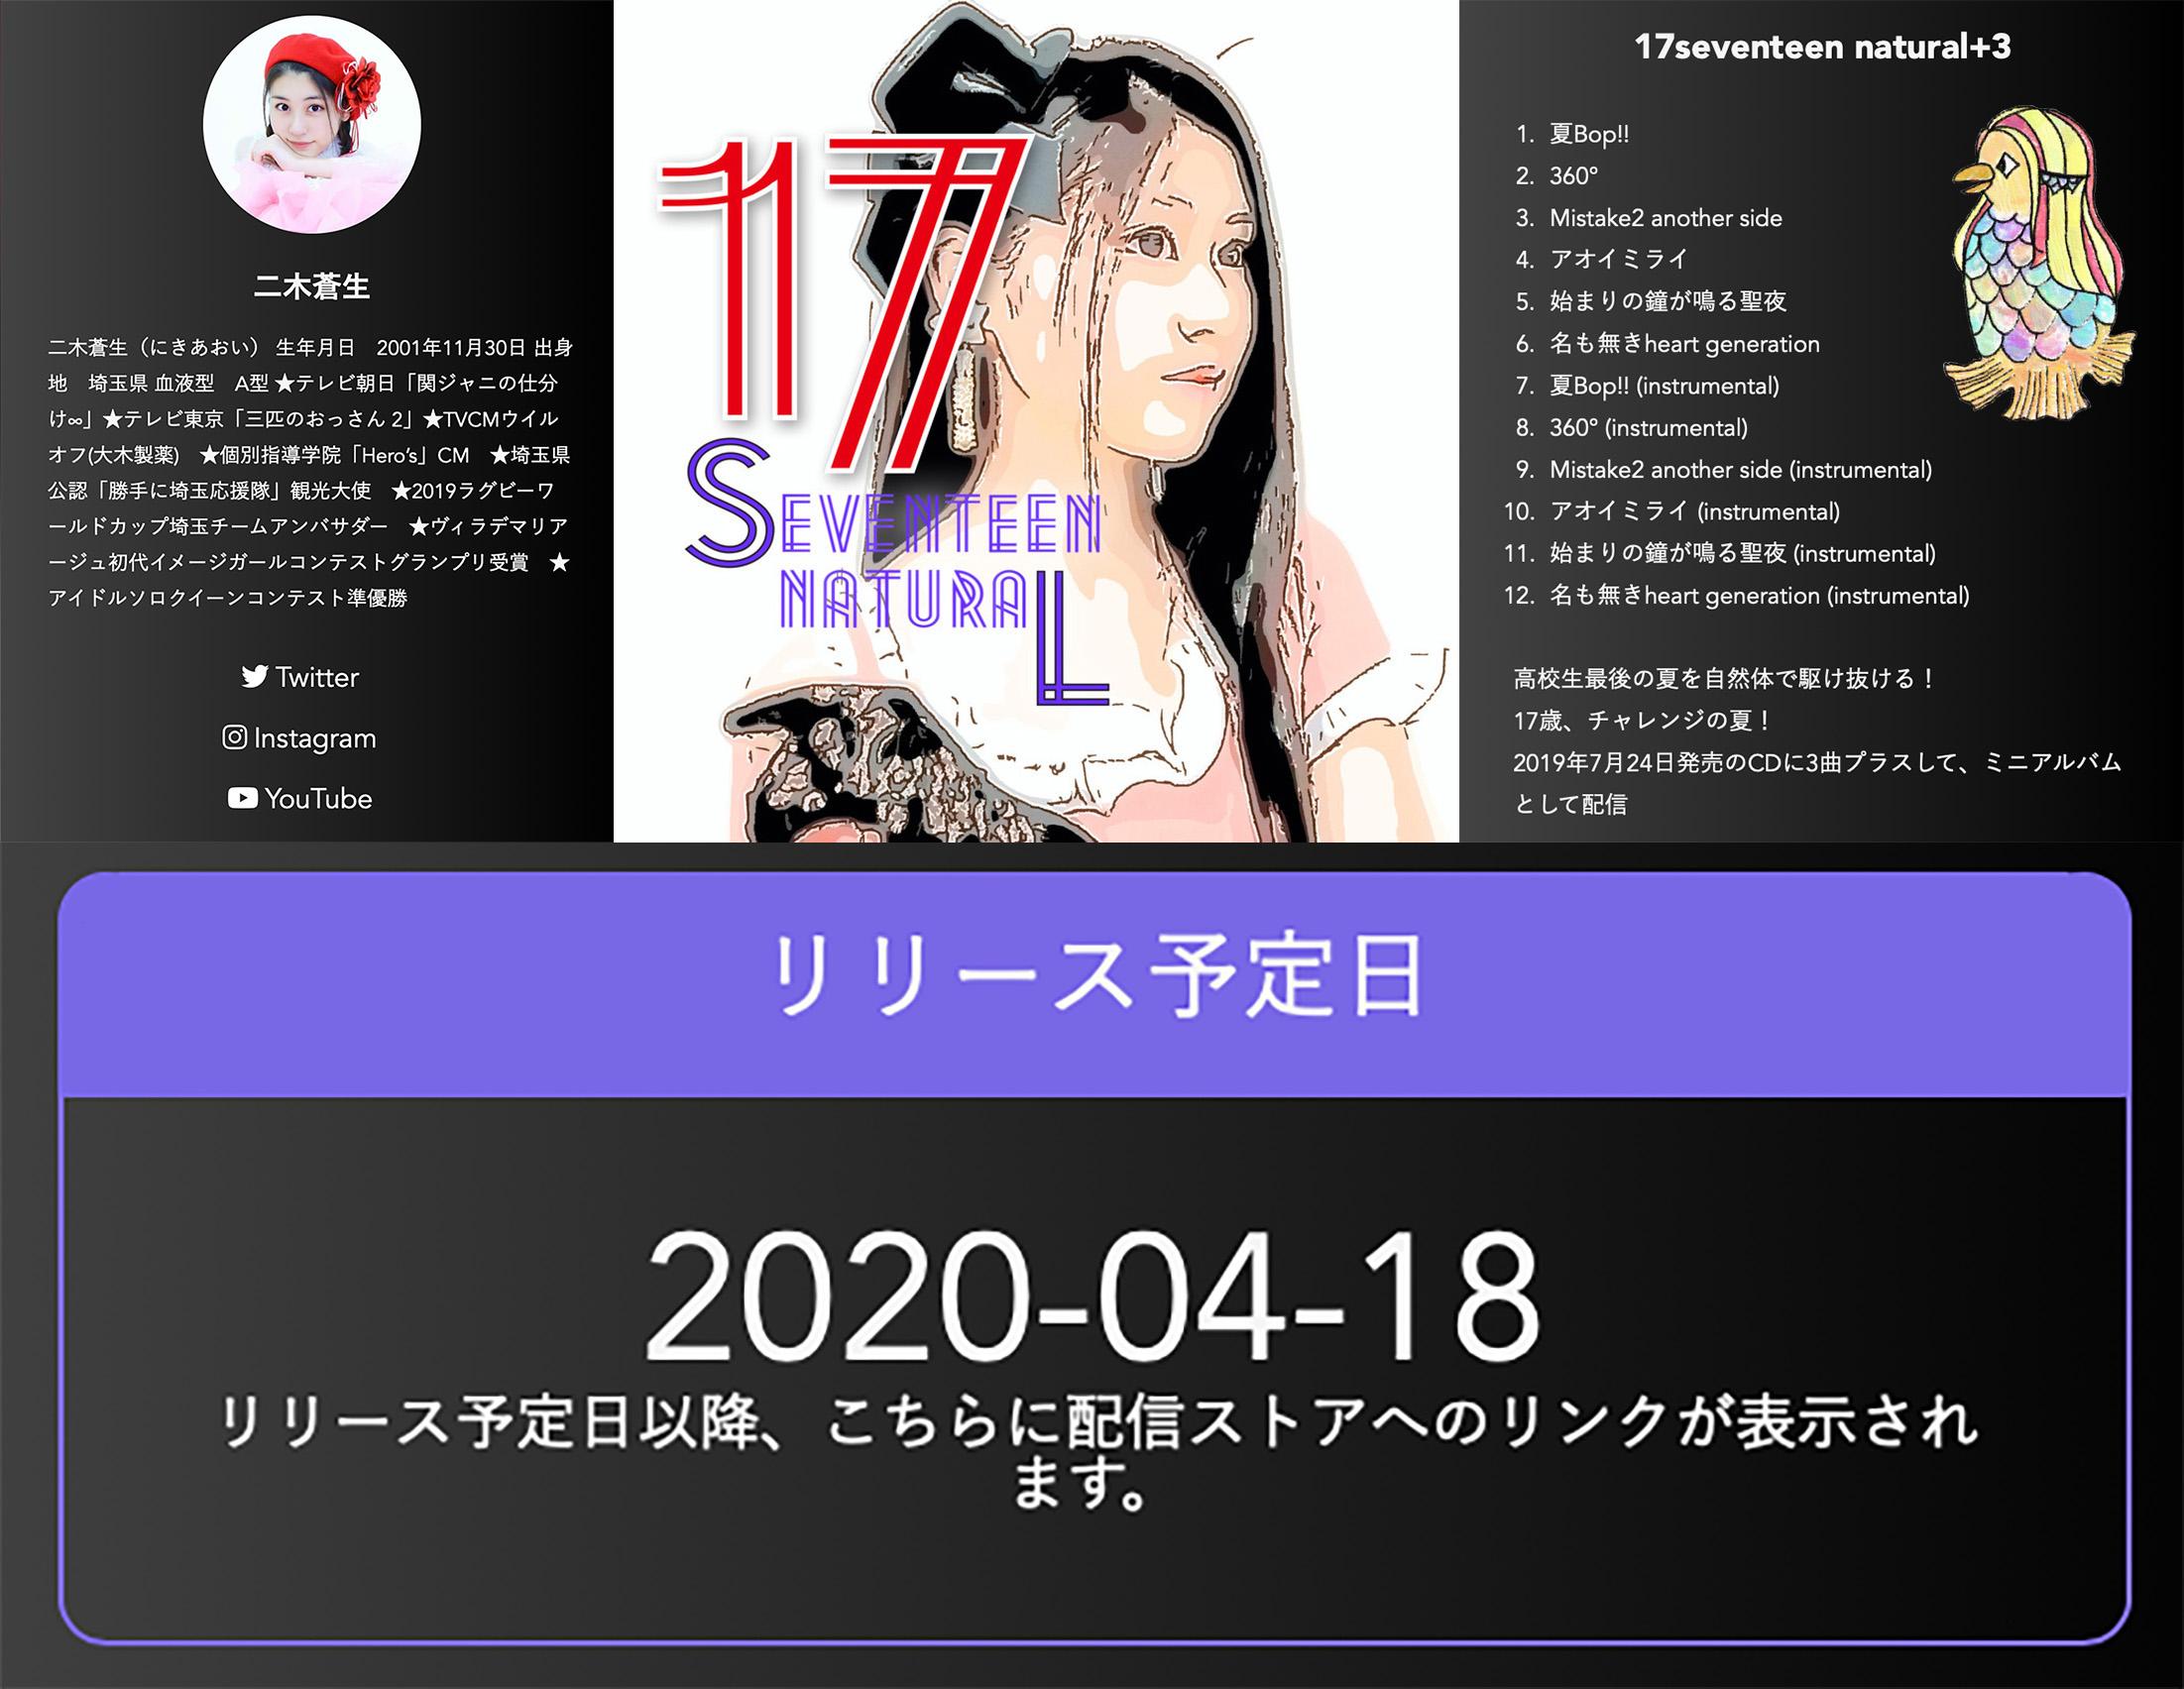 4/18(土)17 Seventeen natural+3アルバム配信開始